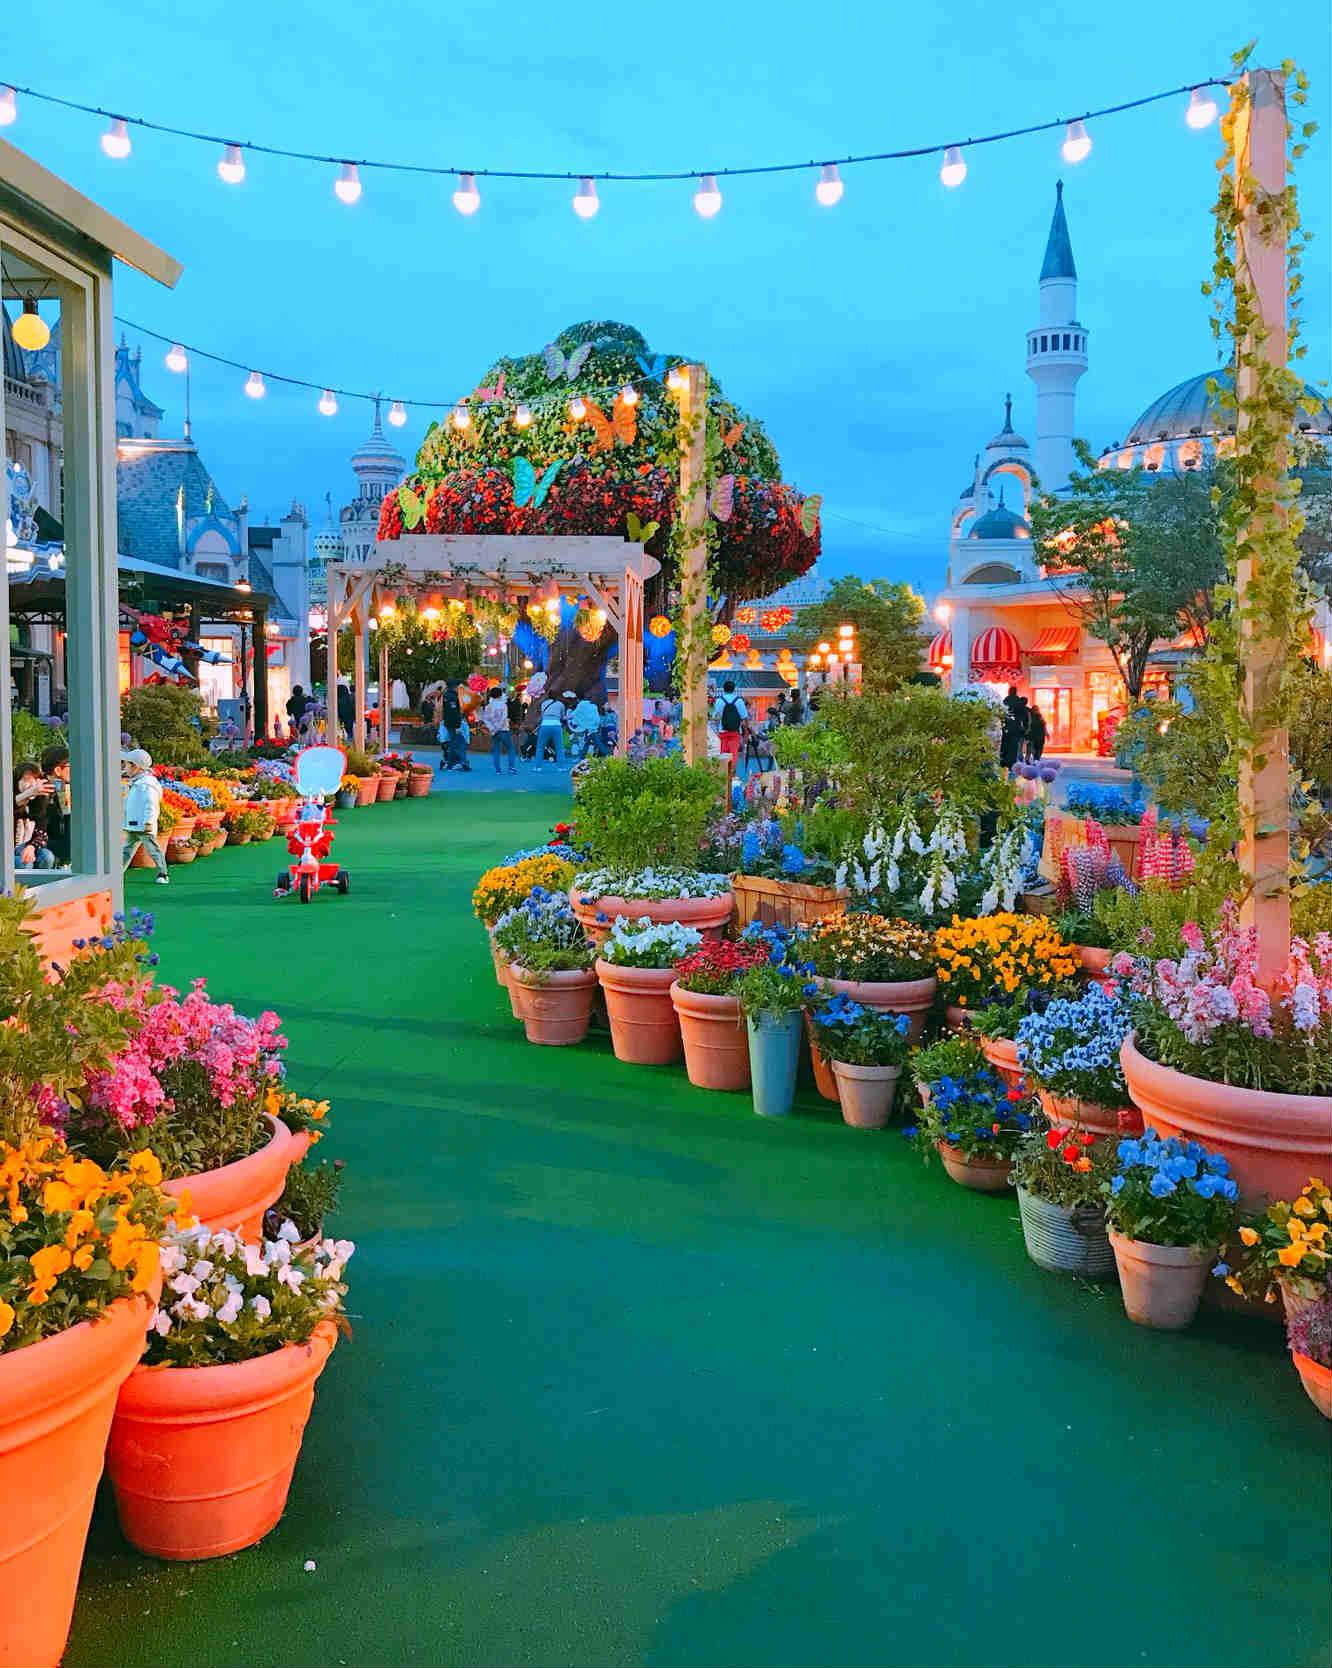 晚上的愛寶樂園也一樣美,佈滿鮮花的步道,走在其中,可以盡情享受春夜的微風